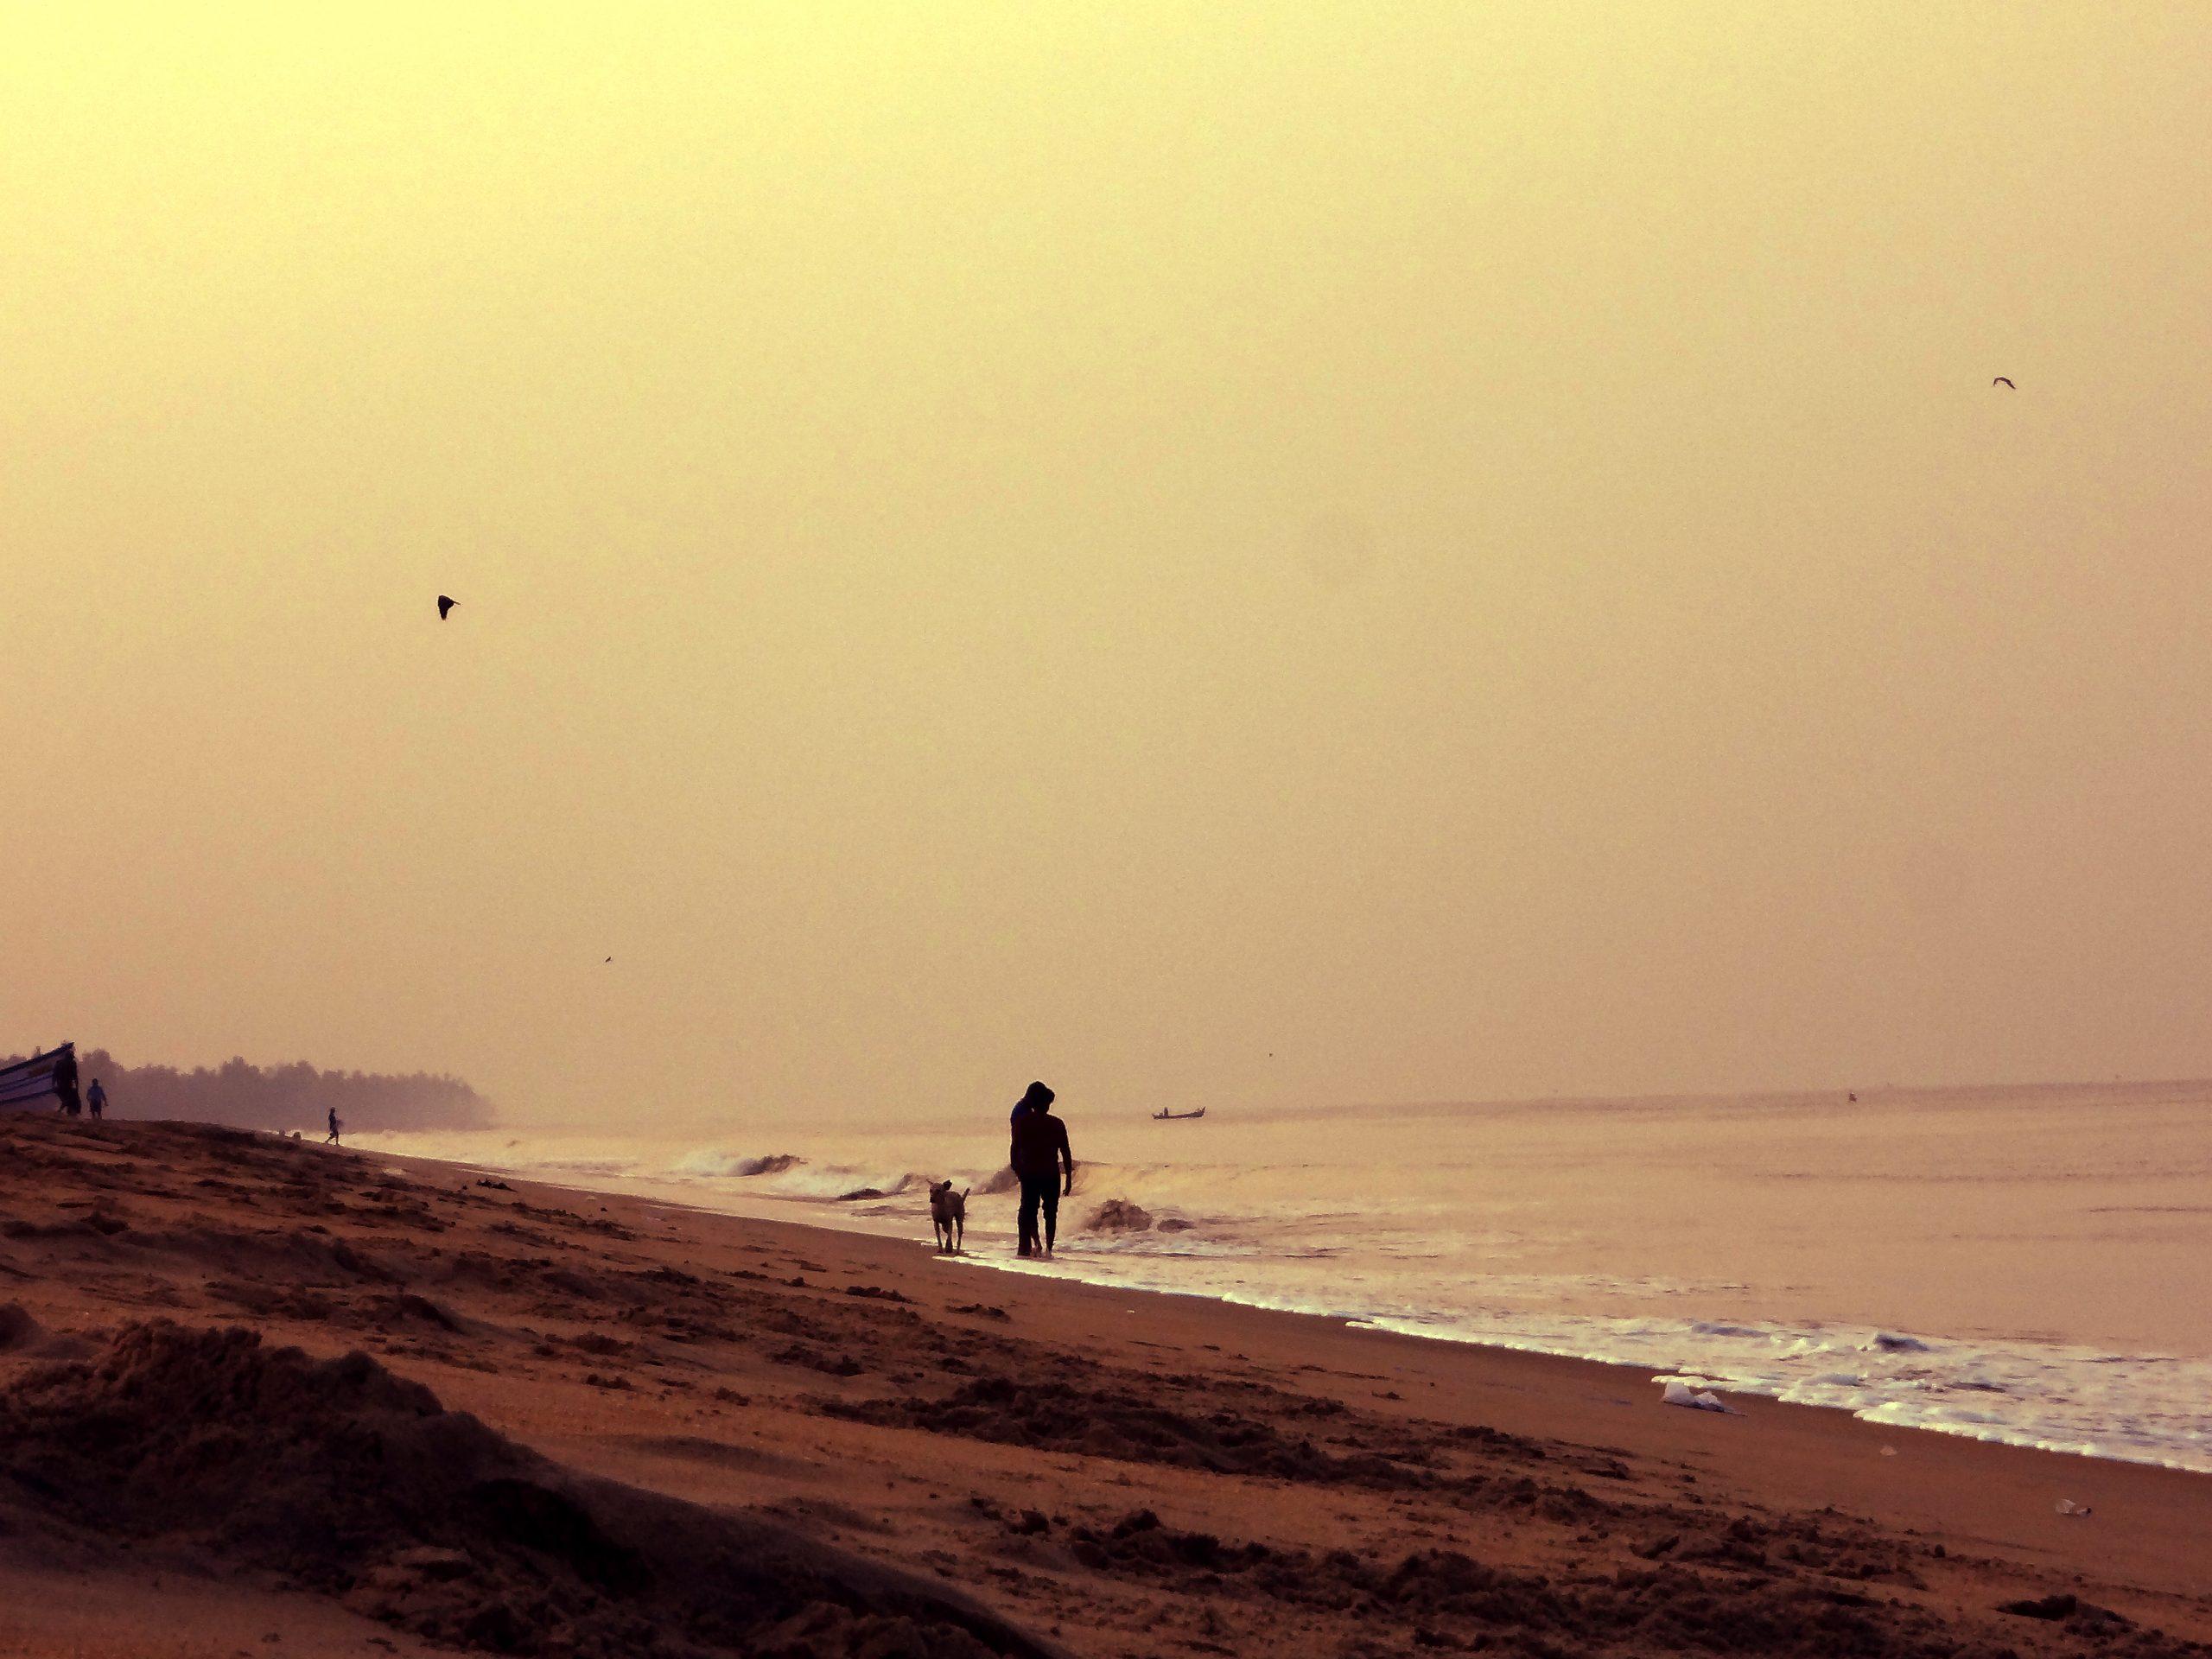 Morning on a beach